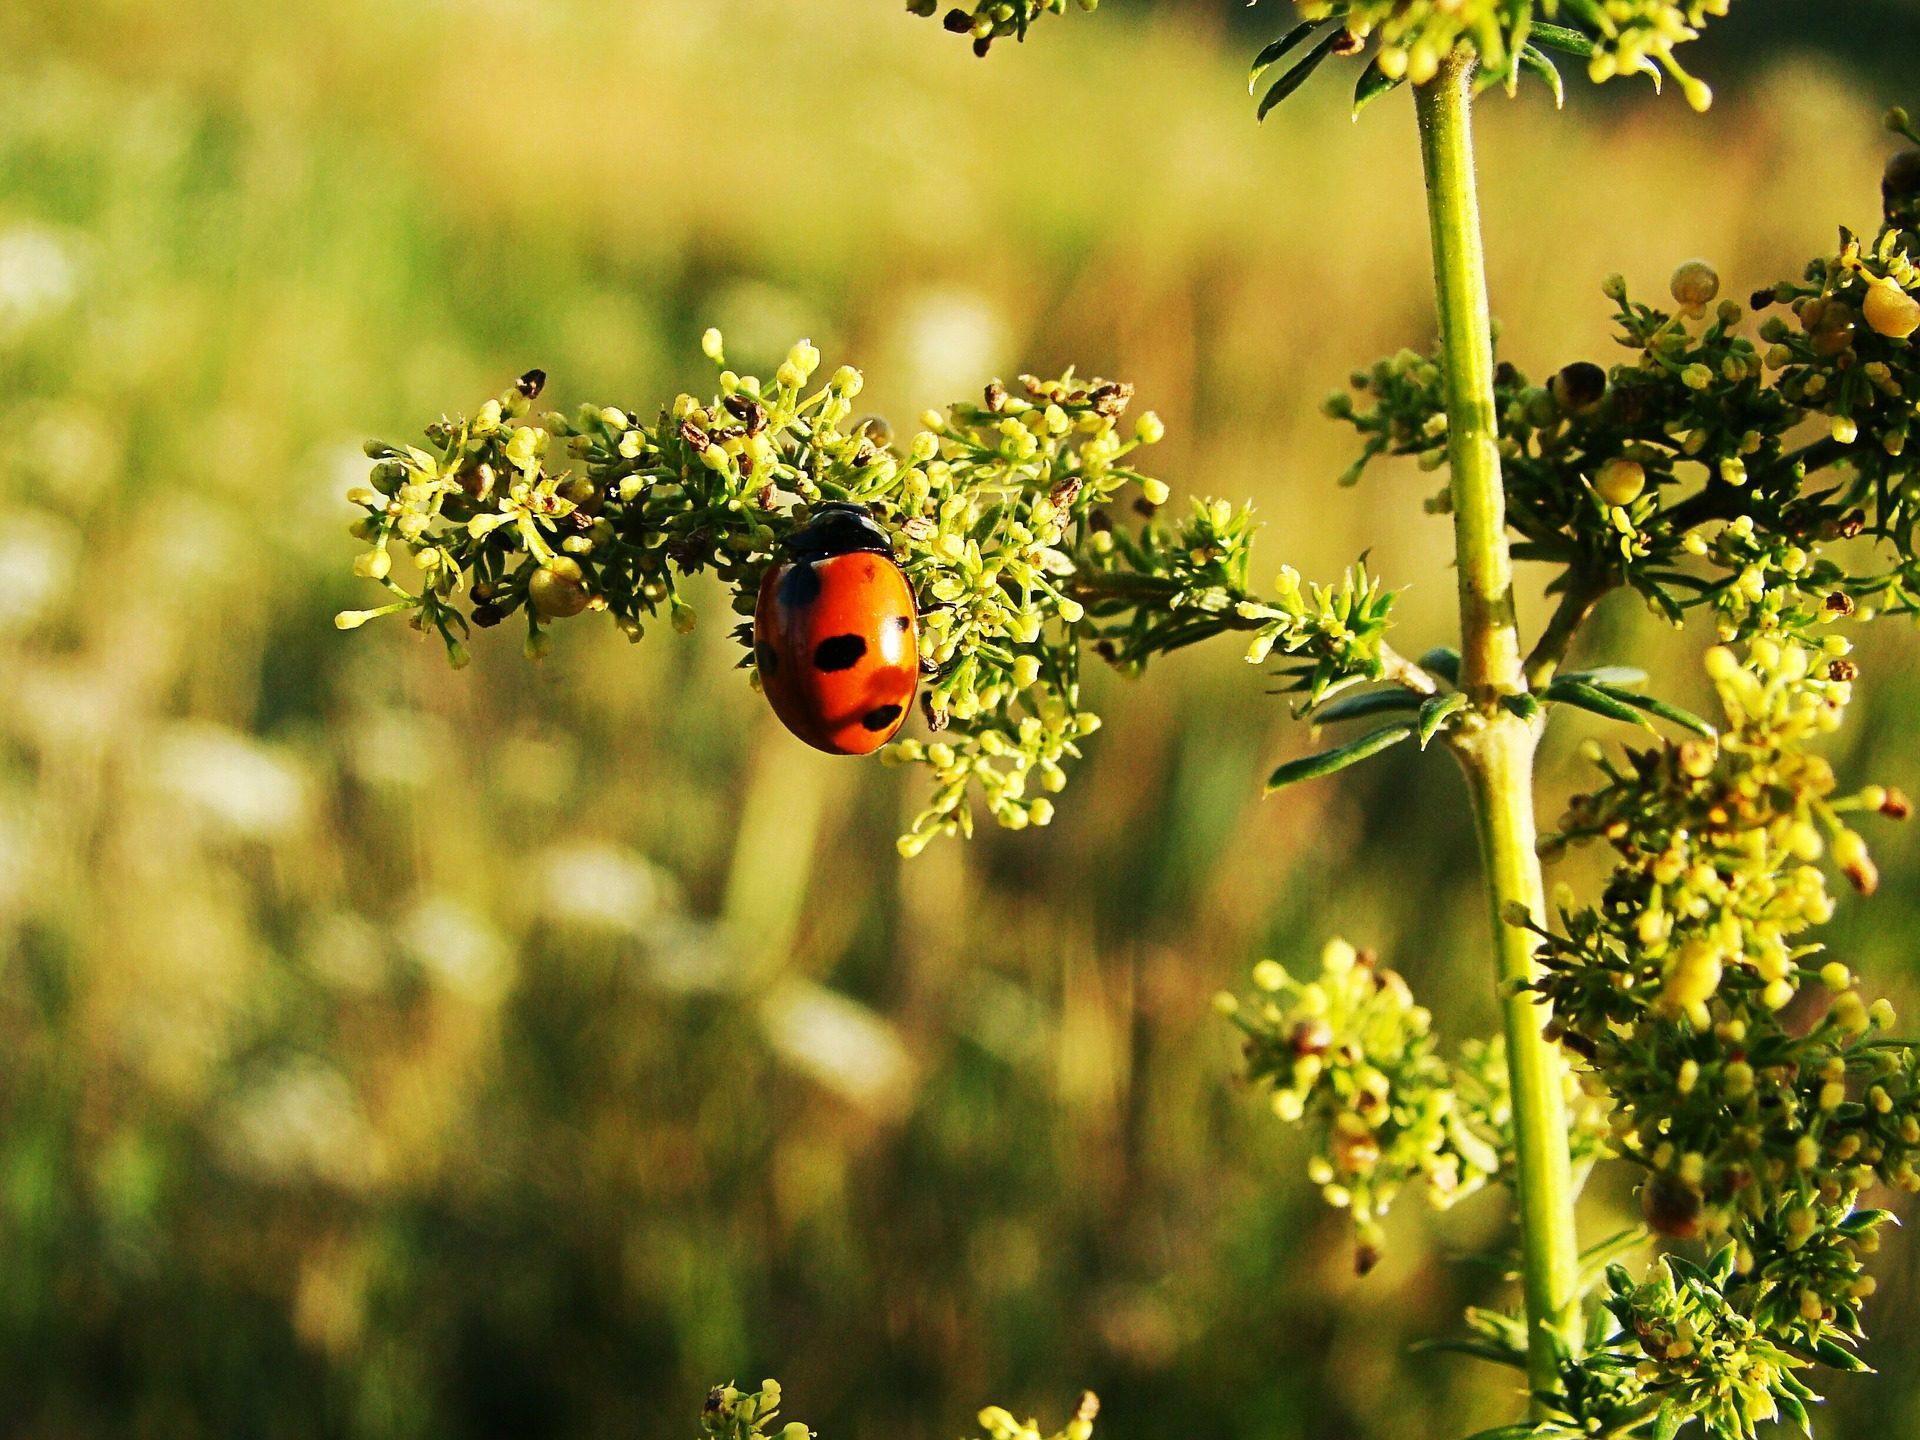 地面层, 瓢虫, 昆虫, 红色, marcas - 高清壁纸 - 教授-falken.com